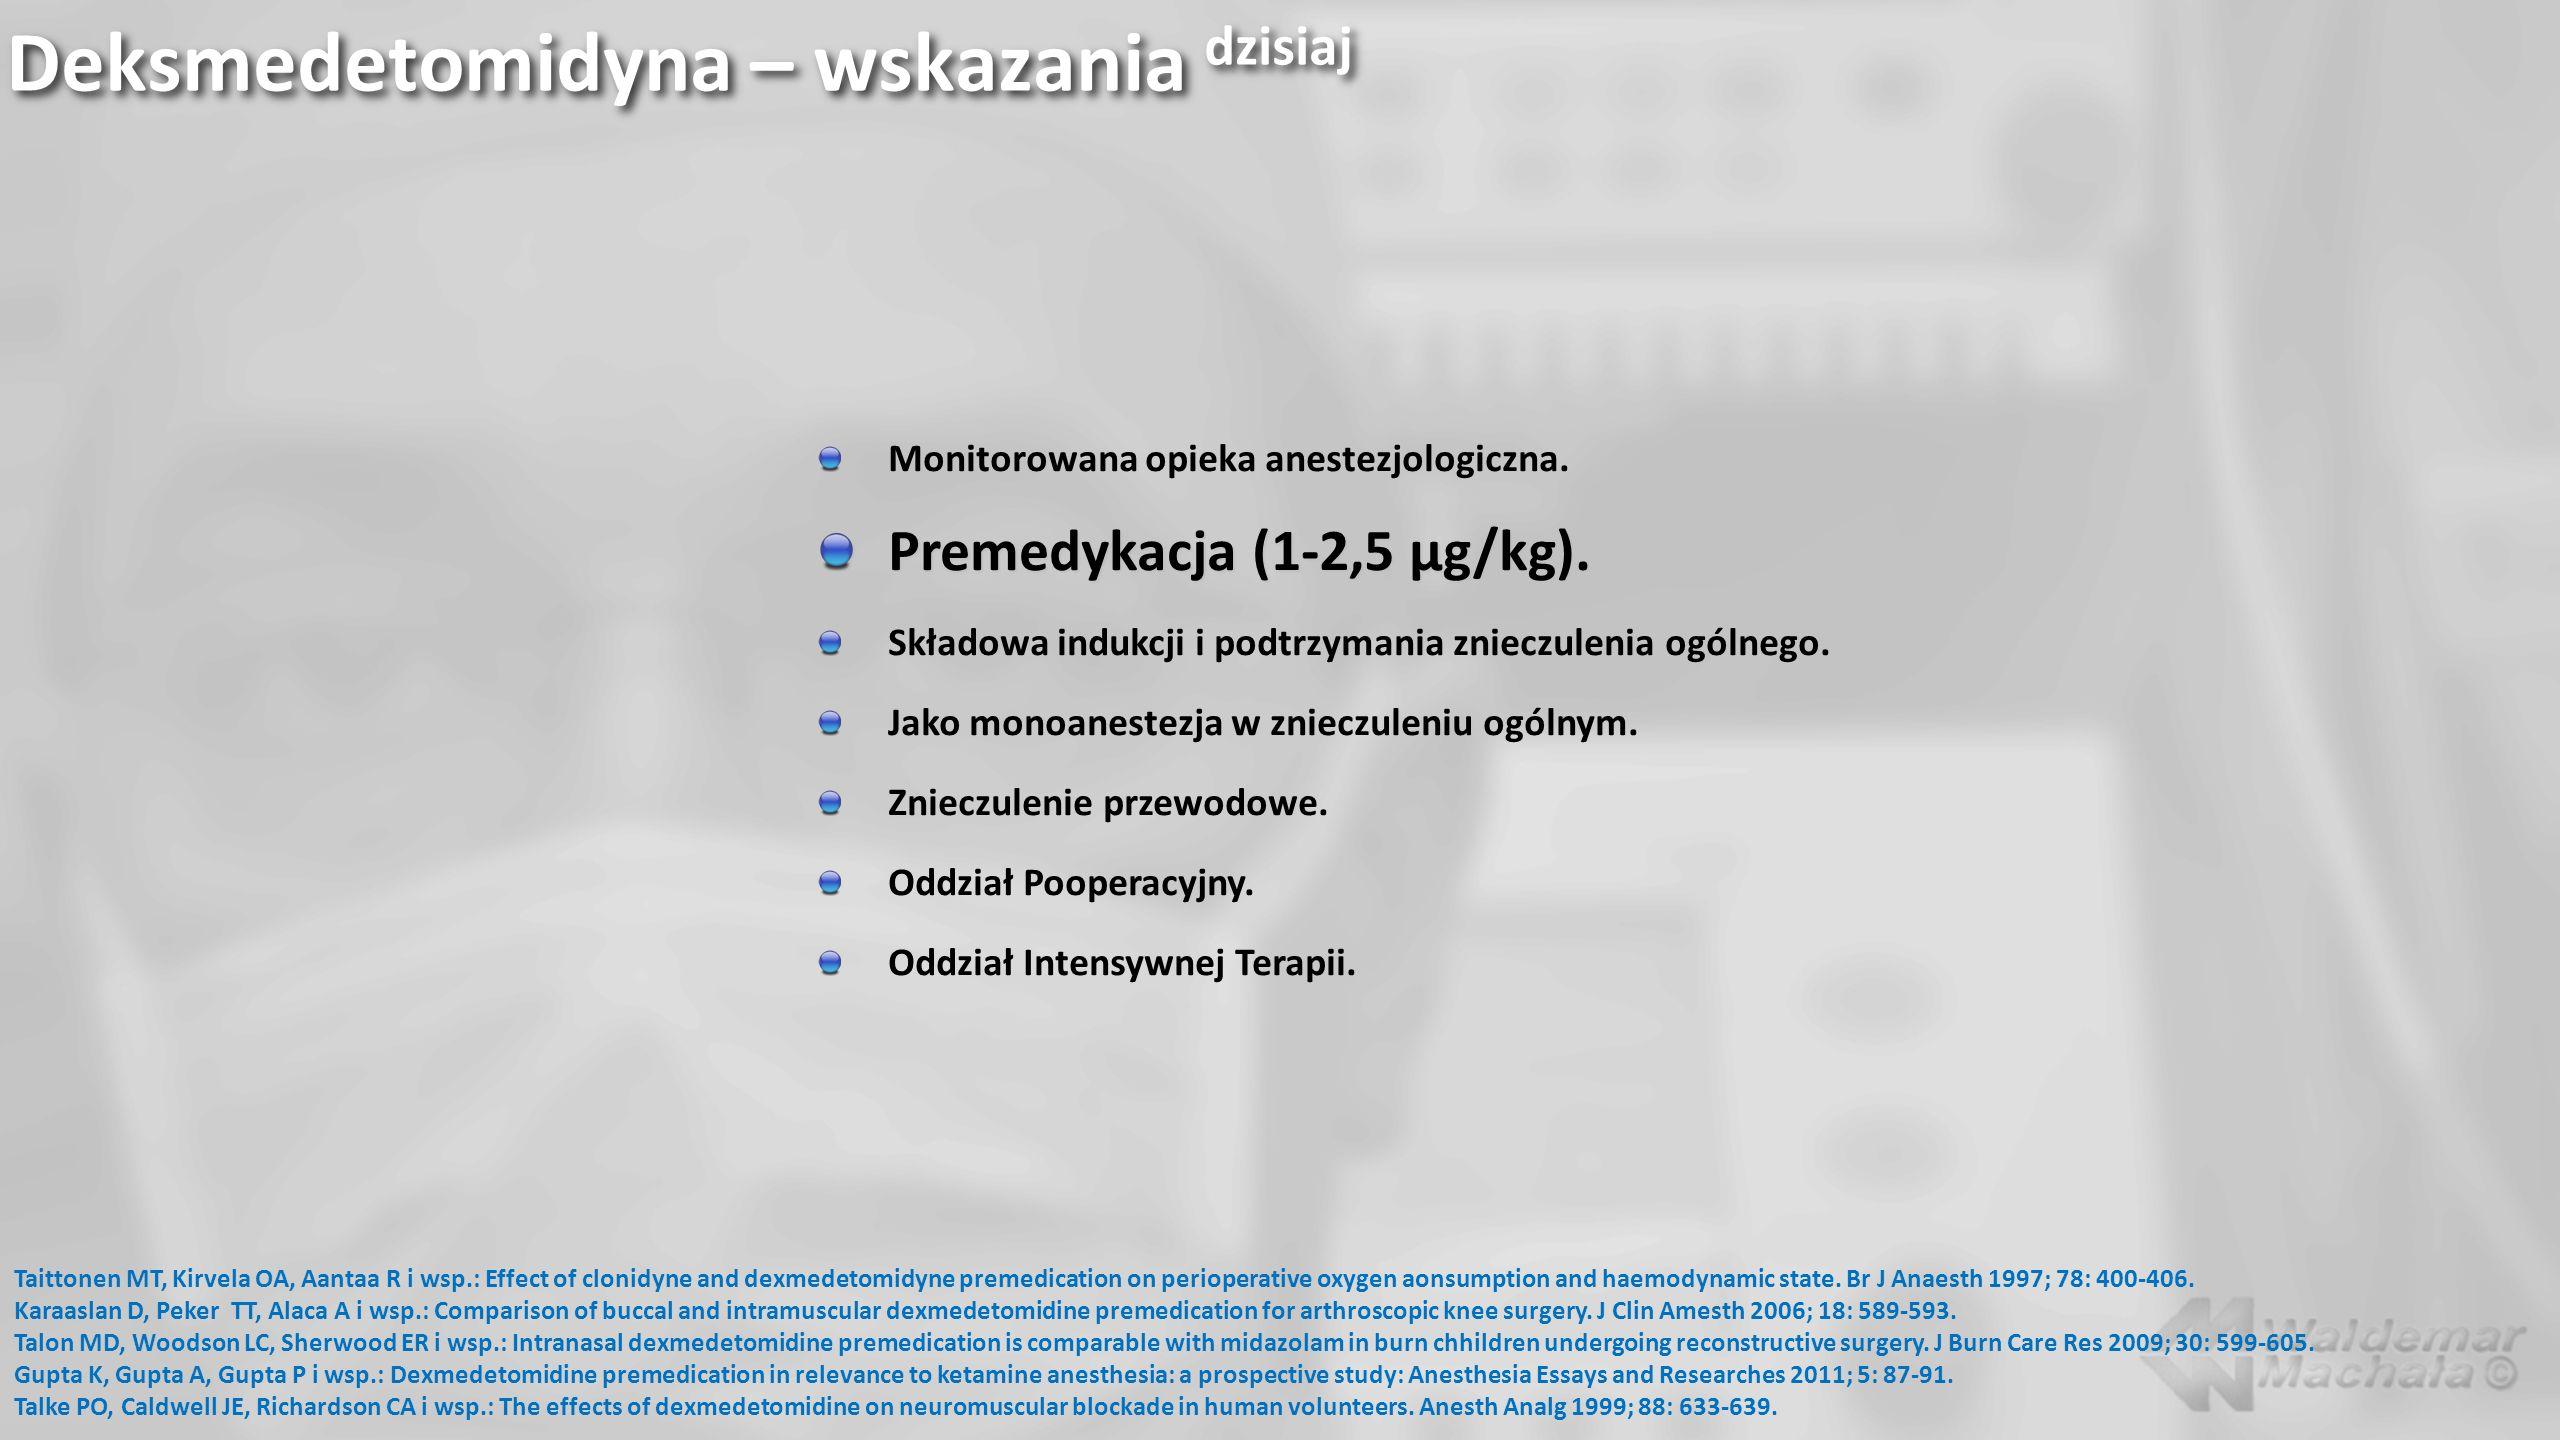 Deksmedetomidyna – wskazania dzisiaj Monitorowana opieka anestezjologiczna. Premedykacja (1-2,5 µg/kg). Składowa indukcji i podtrzymania znieczulenia